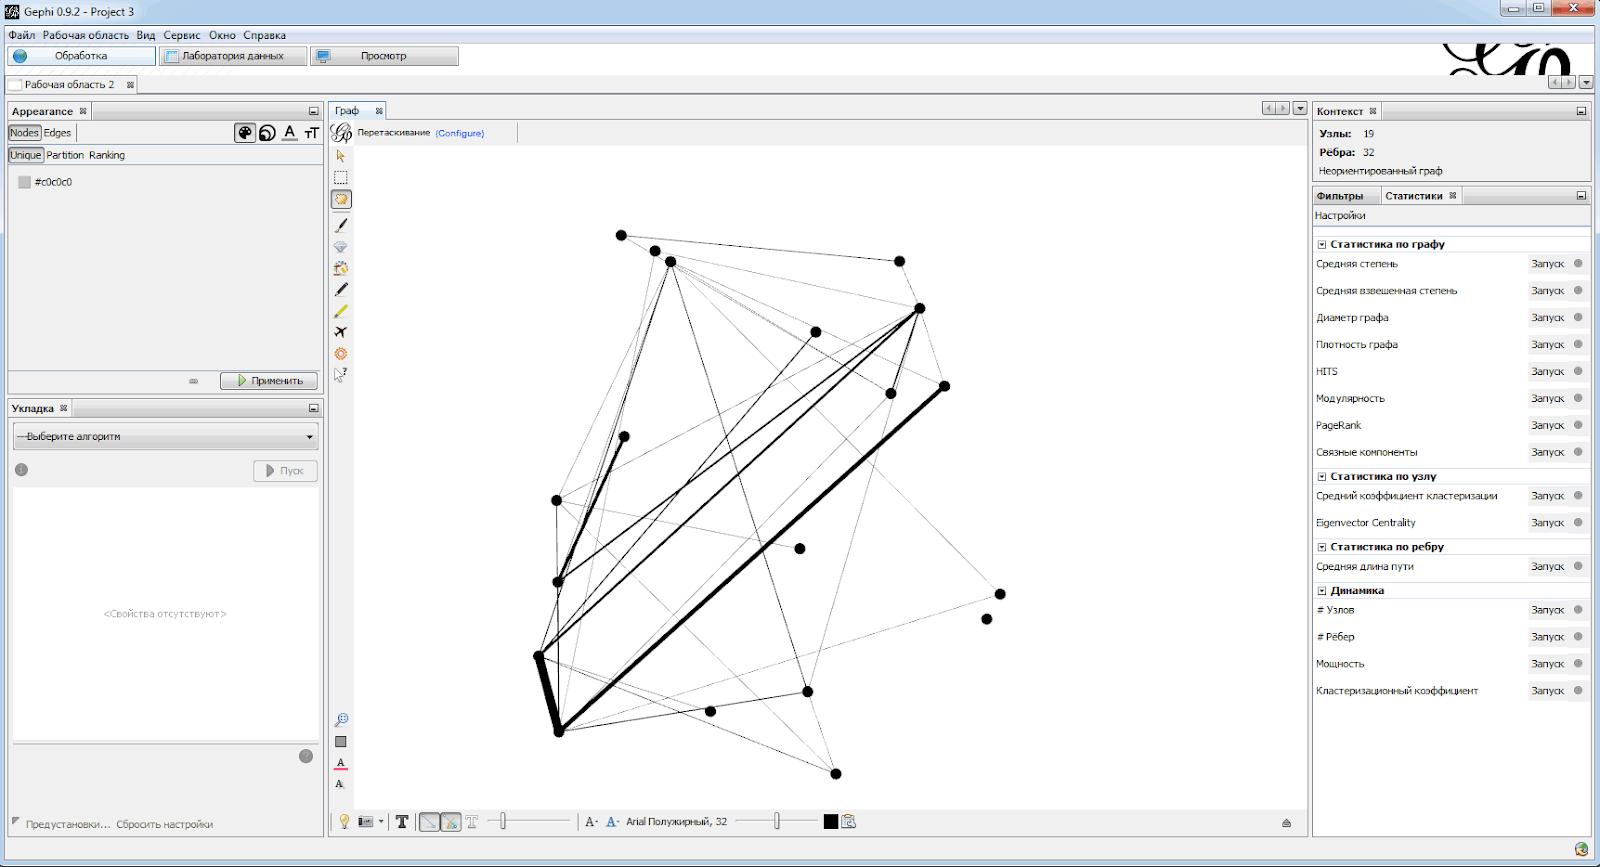 Построение графов для чайников: пошаговый гайд - 11